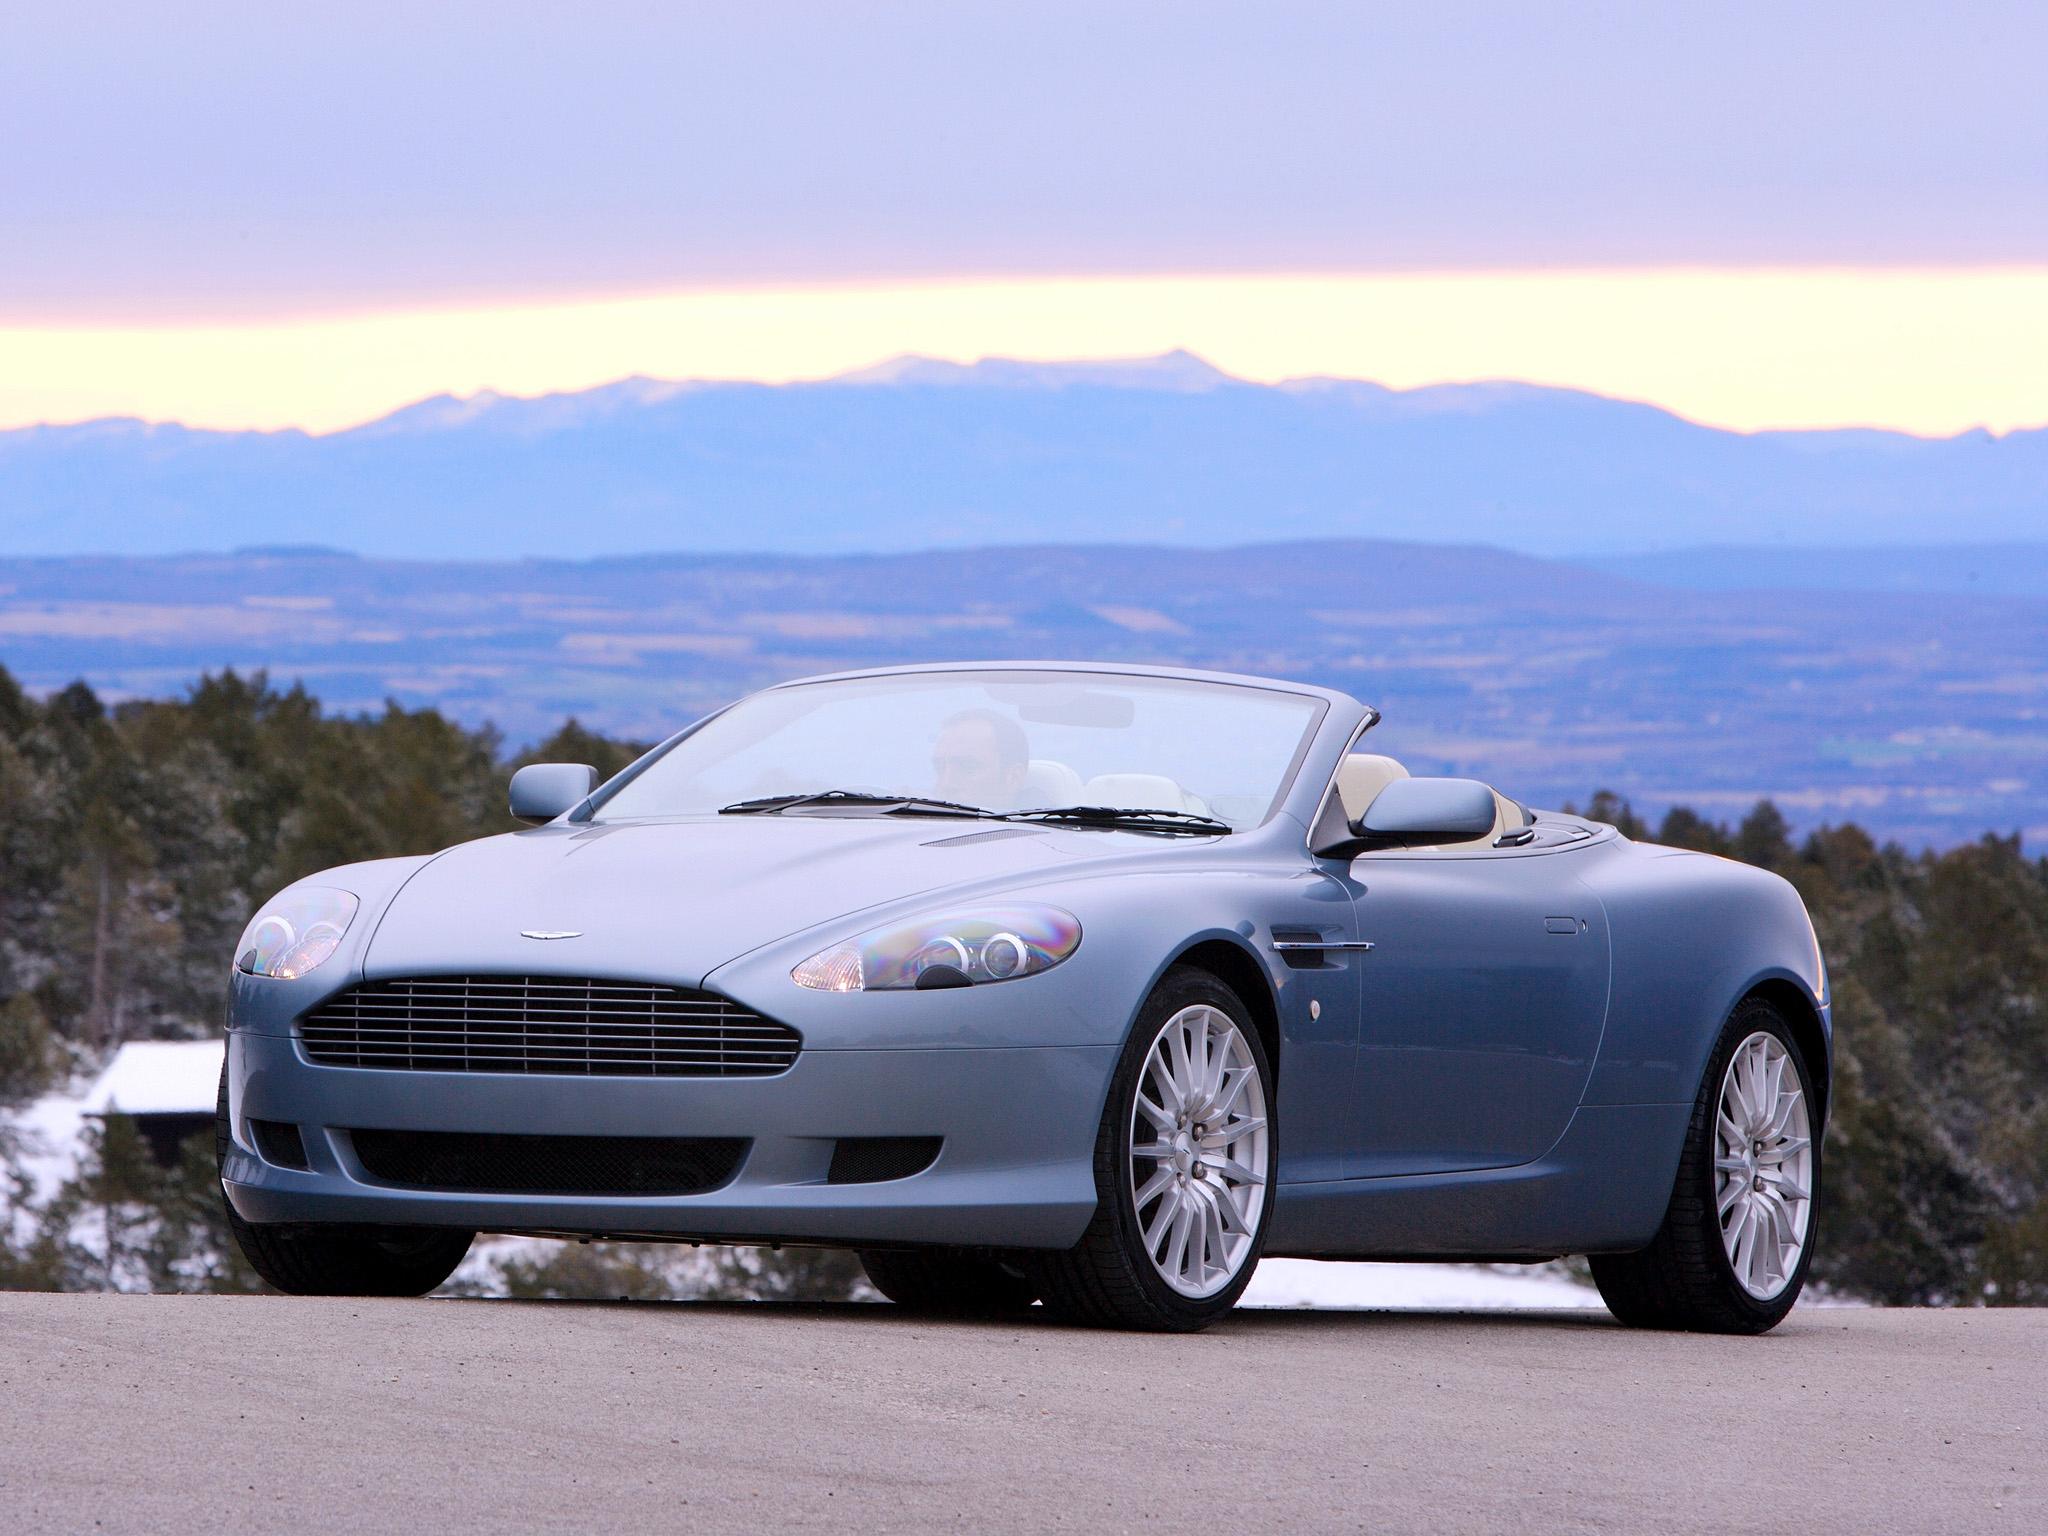 Aston Martin DB9 Volante 20042008 wallpaper 2048x1536